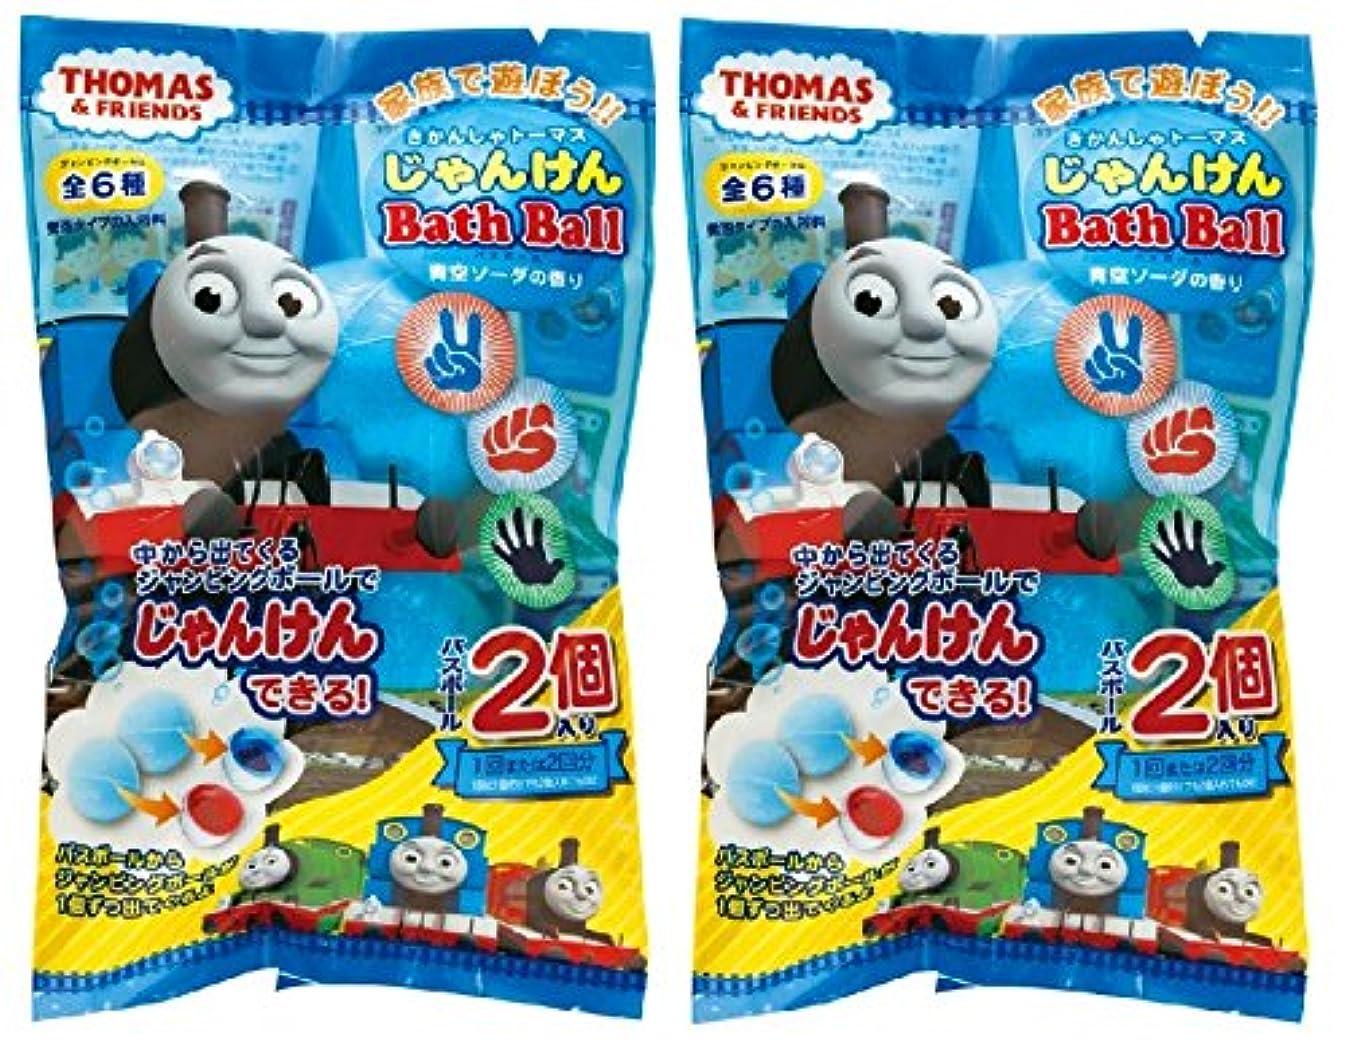 ミキサー苦悩フォアタイプ【2袋セット】きかんしゃトーマス 入浴剤 じゃんけんバスボール 2個入り おまけ付き 青色ソーダの香り OB-TOB-4-1